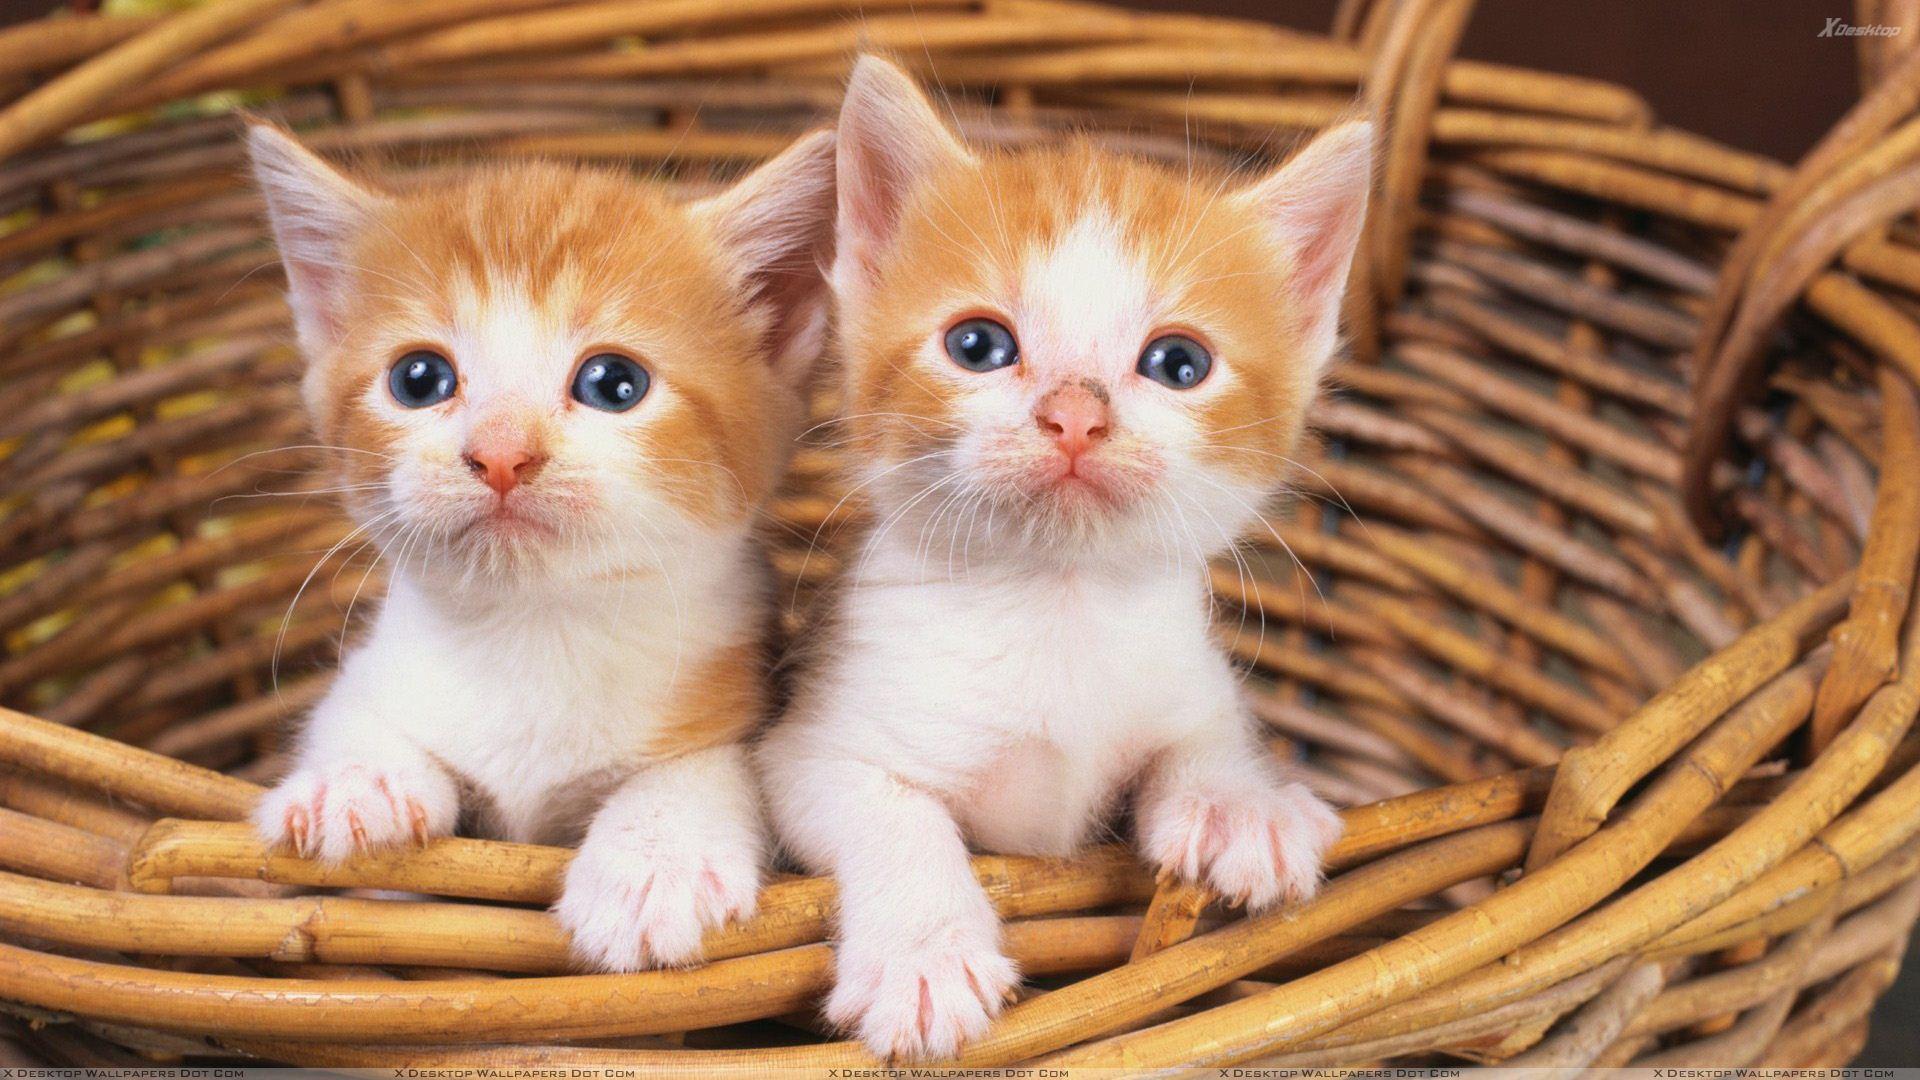 Rüyada Küçük Kediler Görmek ve Sahiplenmek